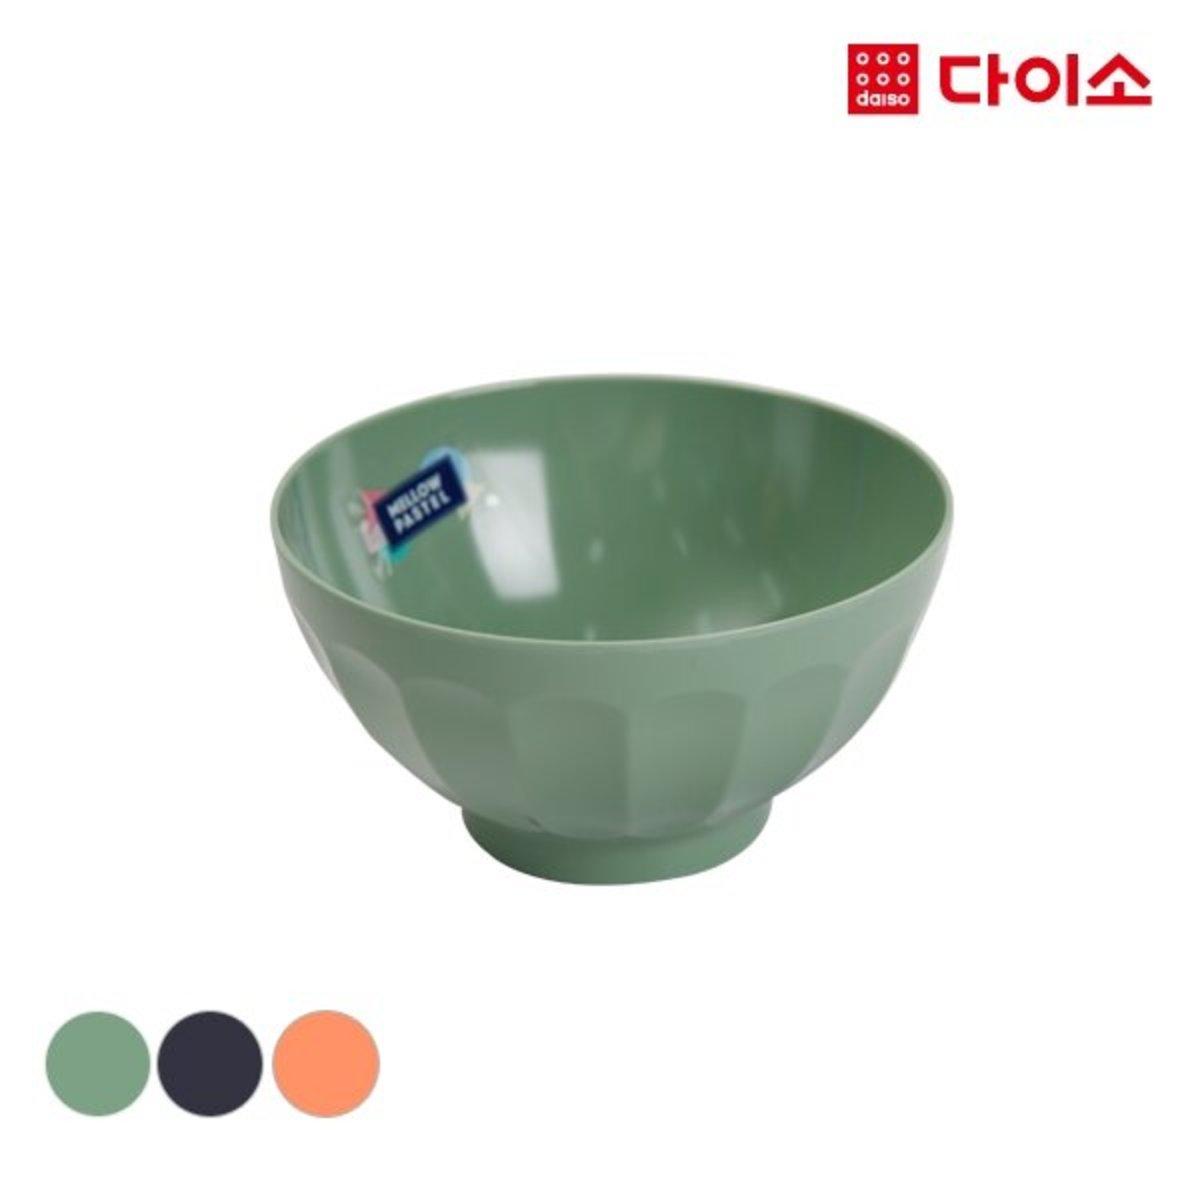 飯碗 - 綠色